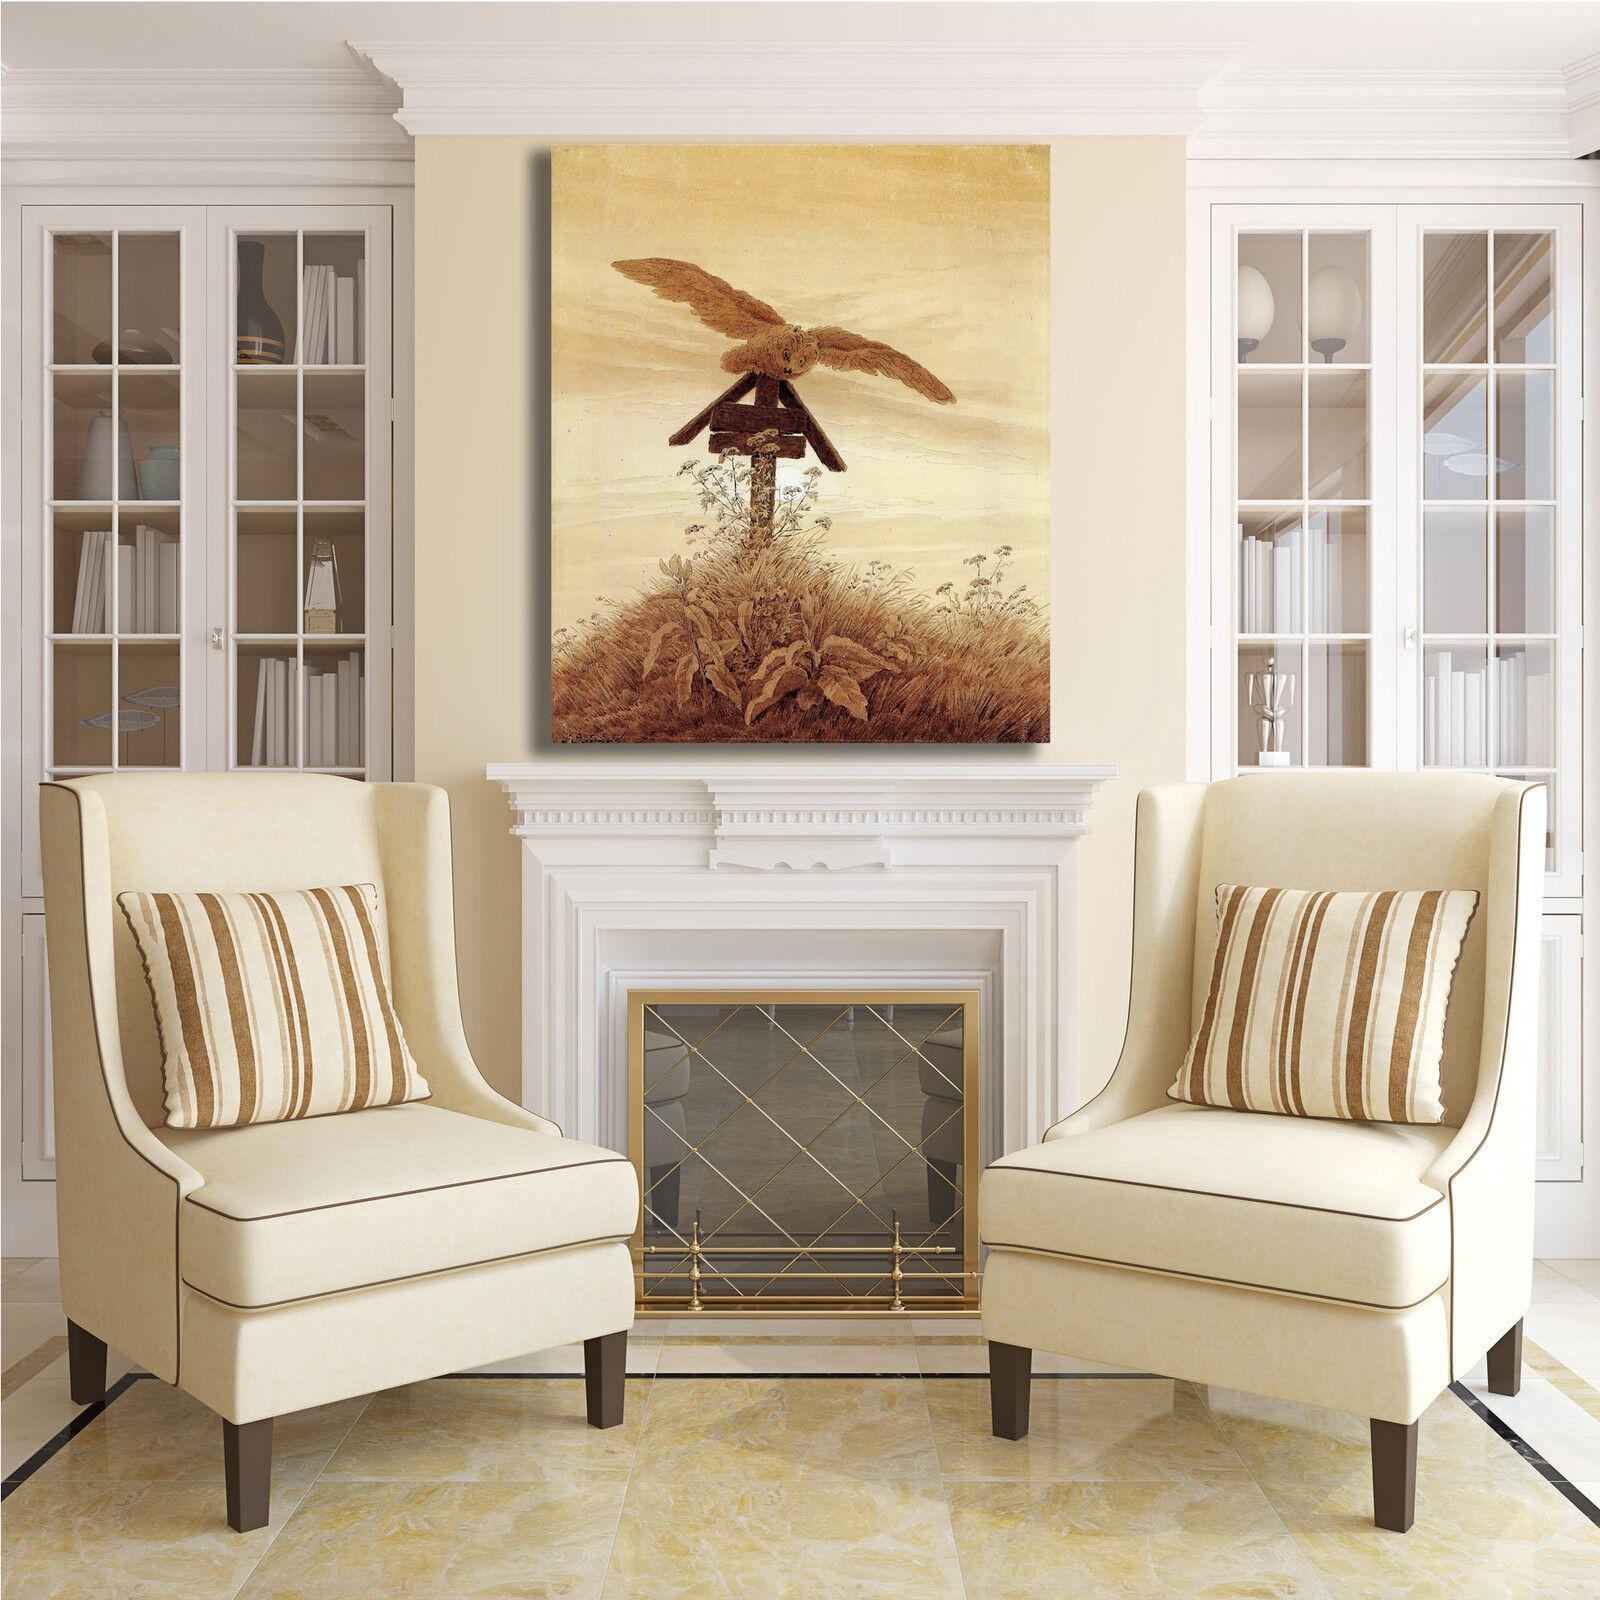 Caspar gufo sulla sulla gufo lapide design quadro stampa tela dipinto telaio arRouge o casa ff9dd6